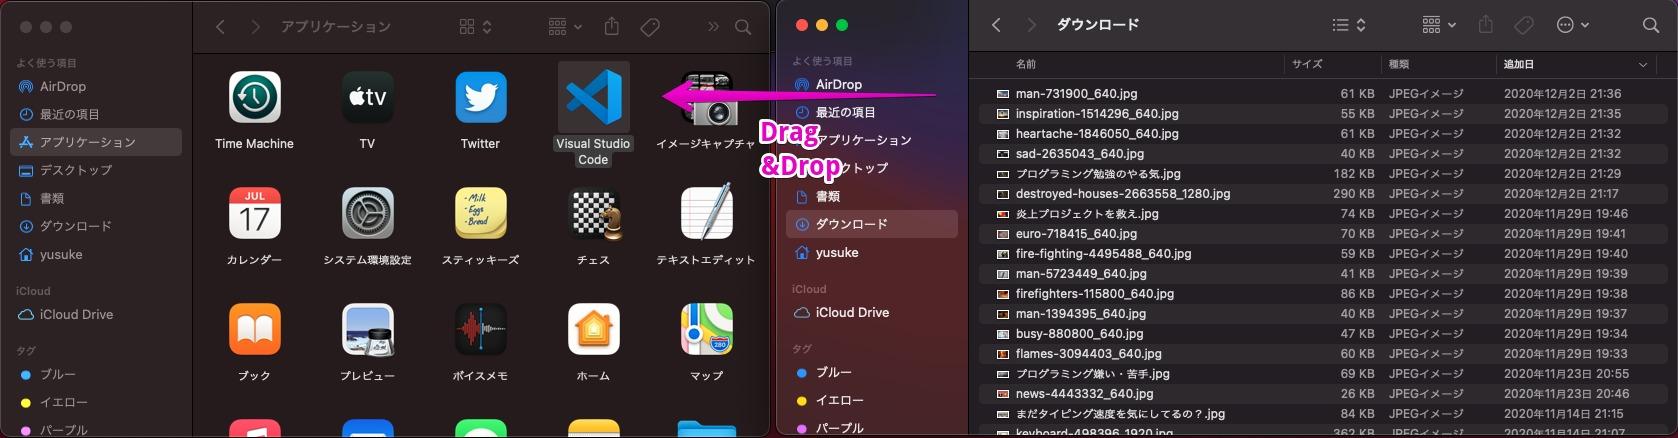 アプリケーションフォルダへドラッグ&ドロップ